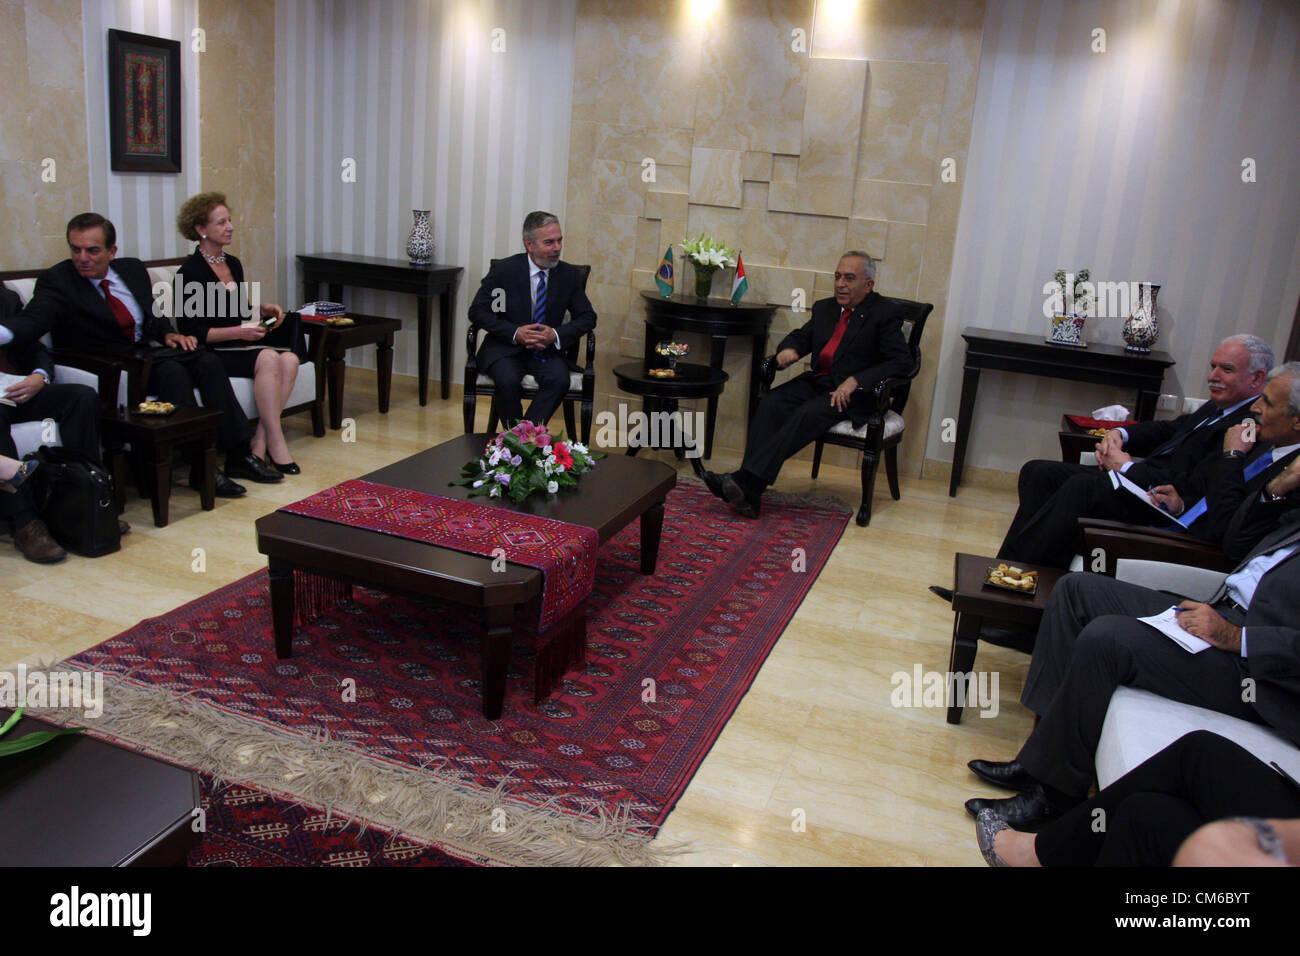 Octubre 16, 2012 - Ramallah, Ribera Occidental, Territorio Palestino - el Primer Ministro palestino Salam Fayyad Foto de stock